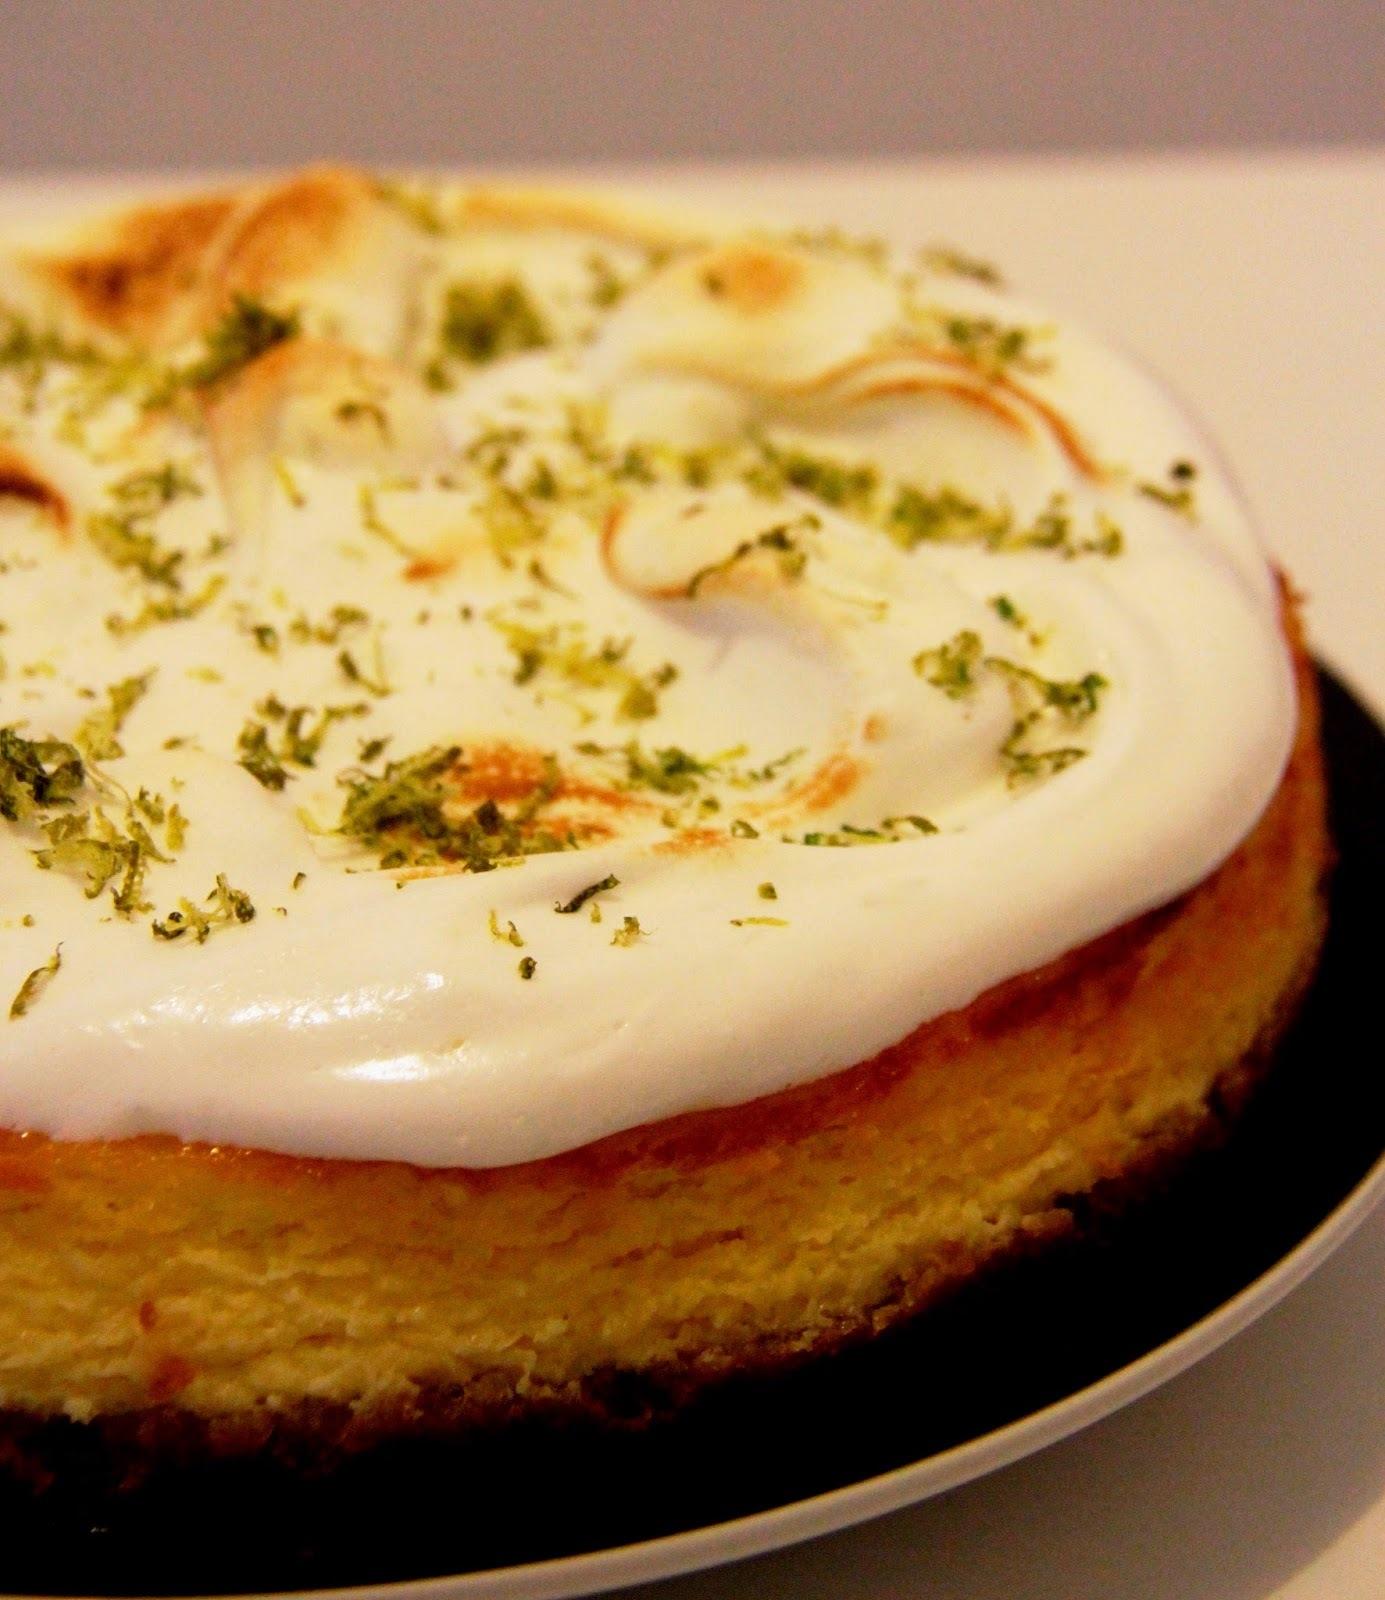 Cheesecake de limão com merengue e eu me achando demais!